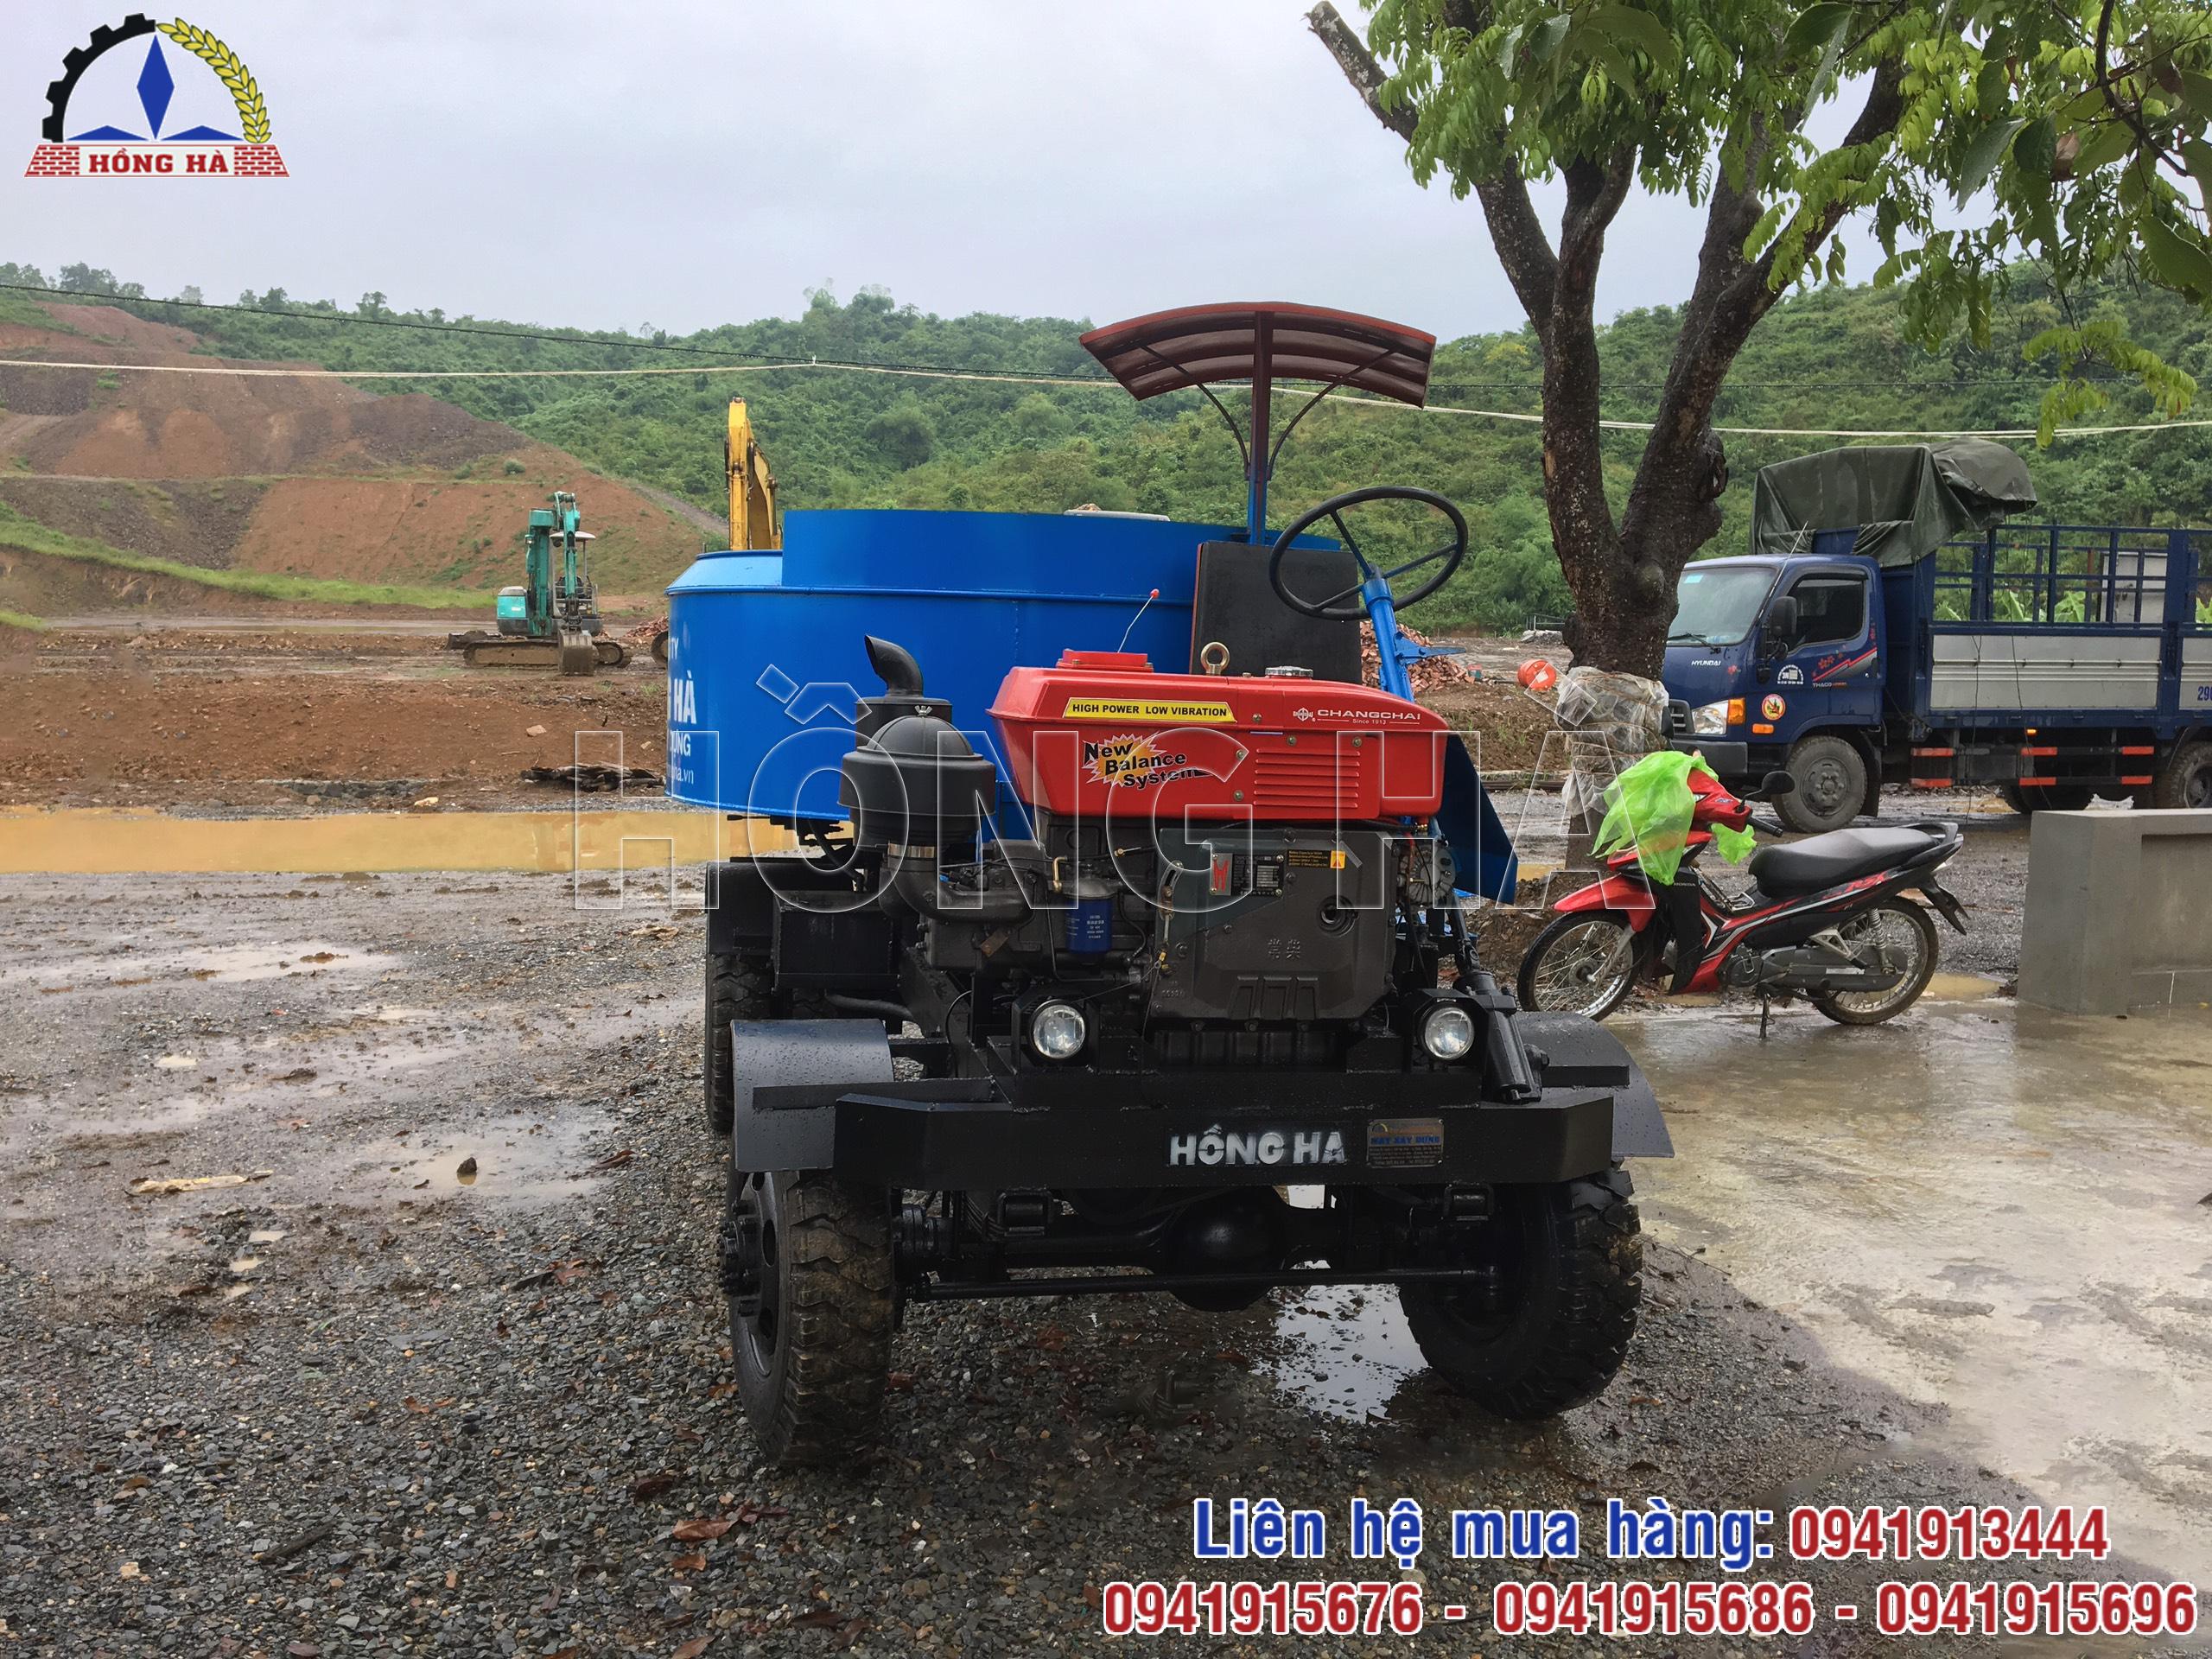 2 Khách hàng tại Hòa Bình nhận bàn giao máy trộn bê tông tự hành 12 bao Hồng Hà